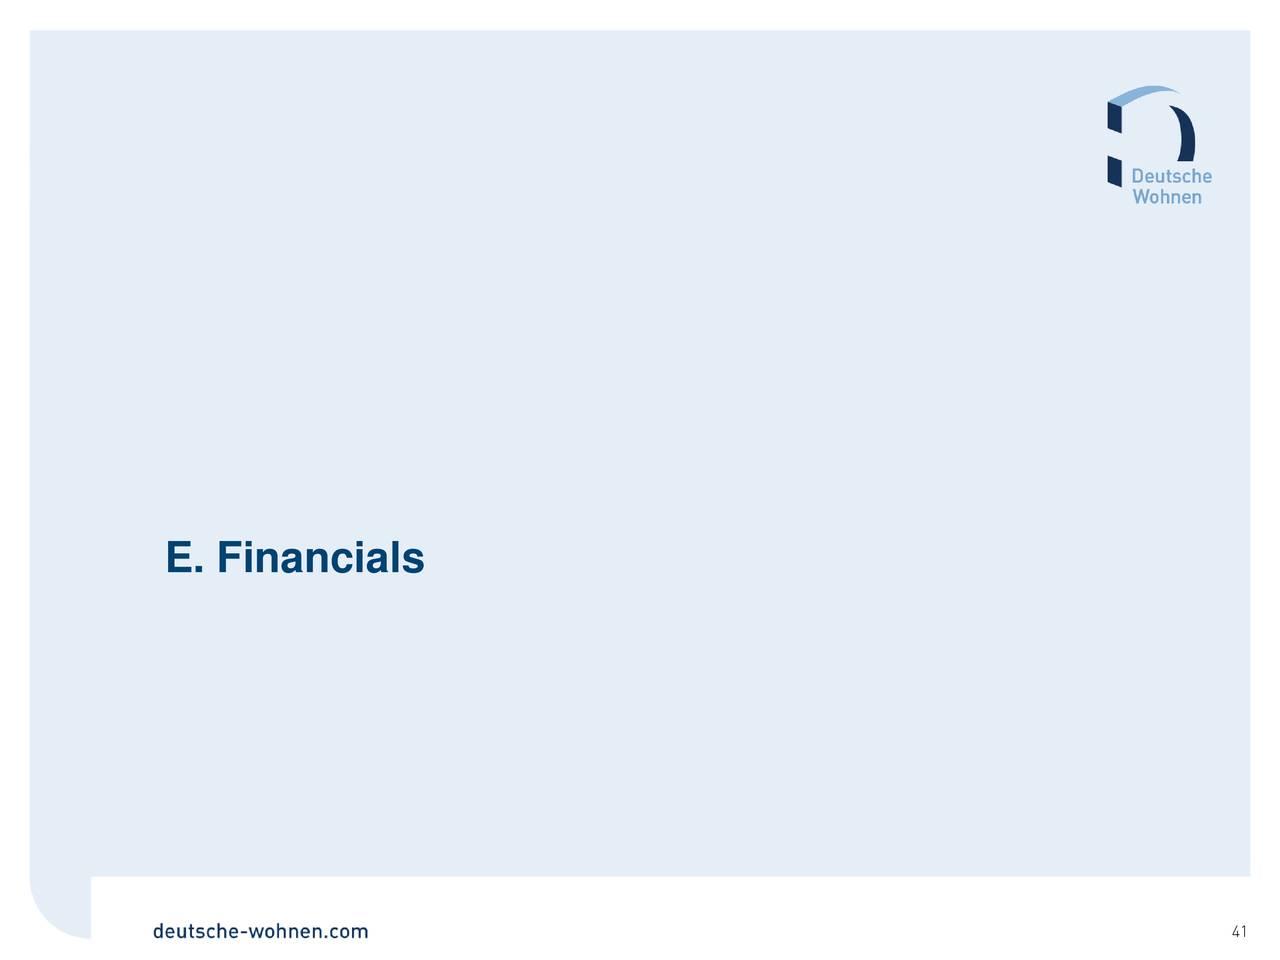 Deutsche Wohnen Com deutsche wohnen se 2017 q4 results earnings call slides